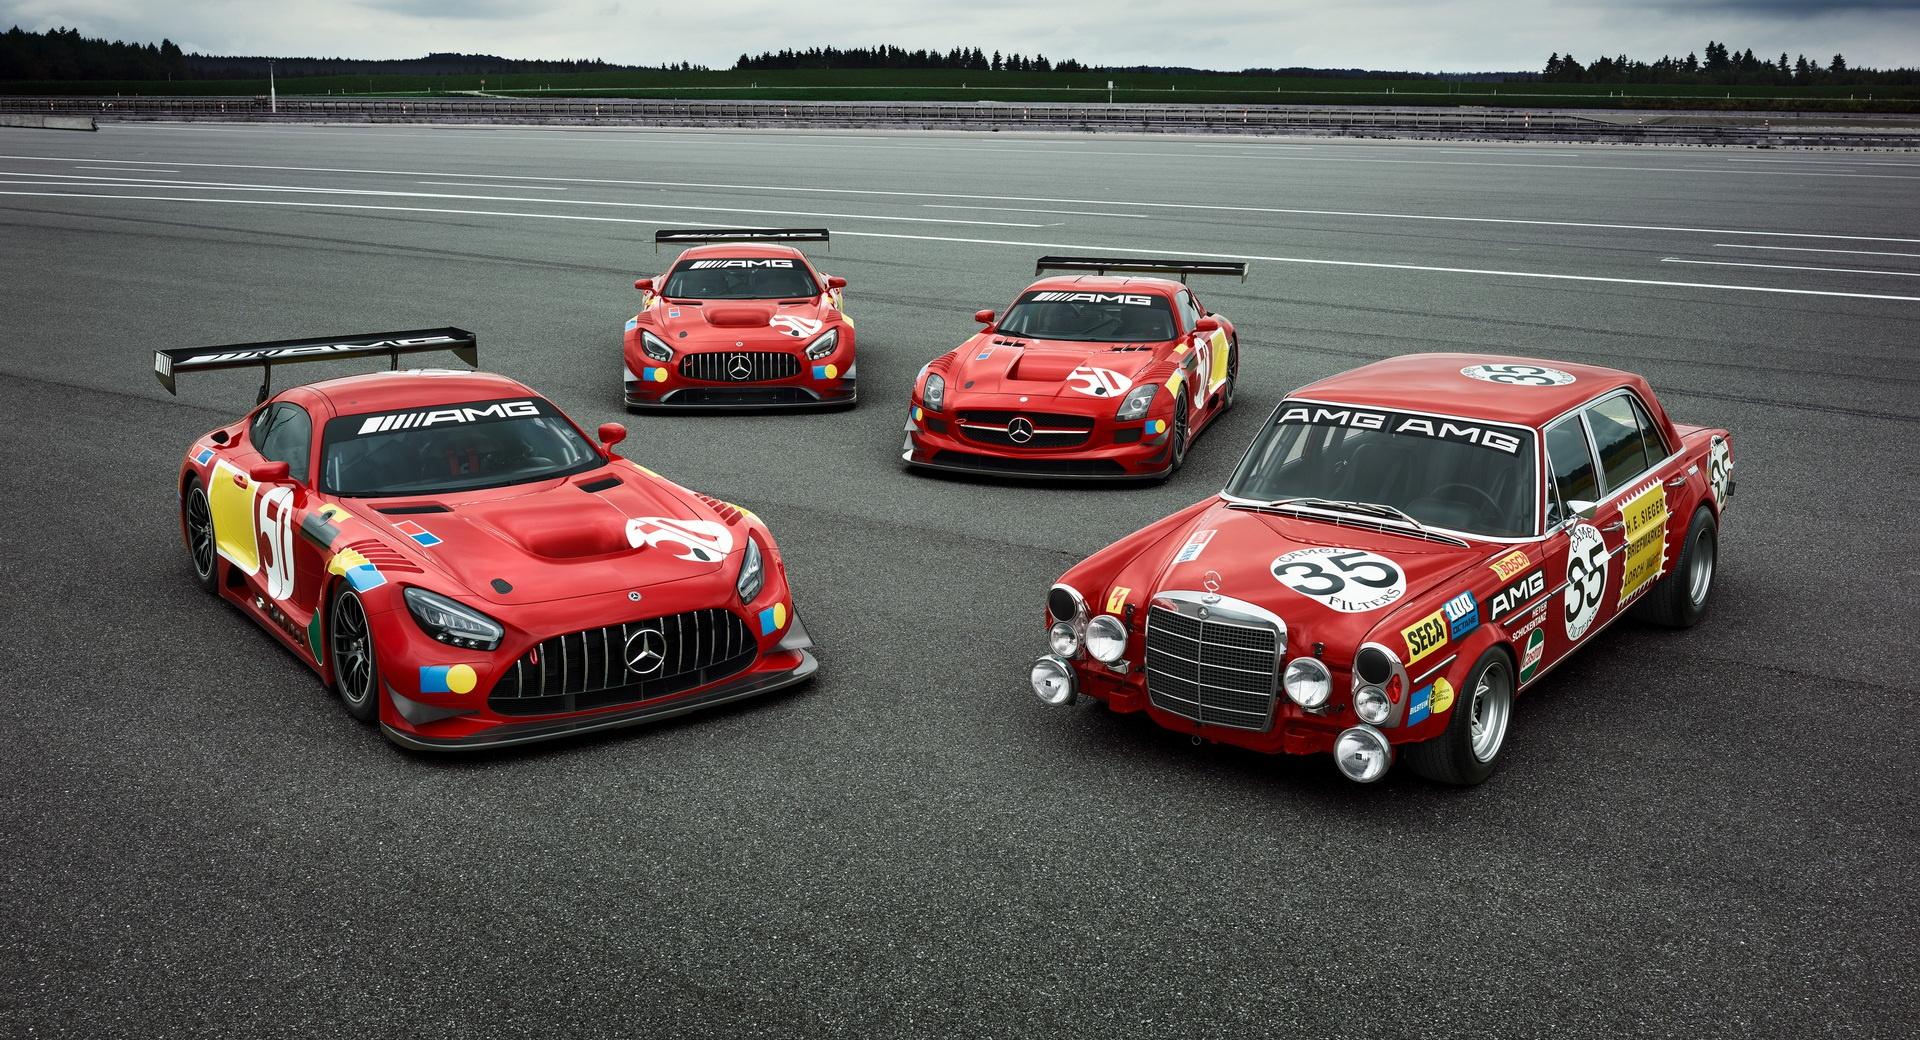 Mercedes-AMG ra mắt bộ 3 xe đua phiên bản đặc biệt